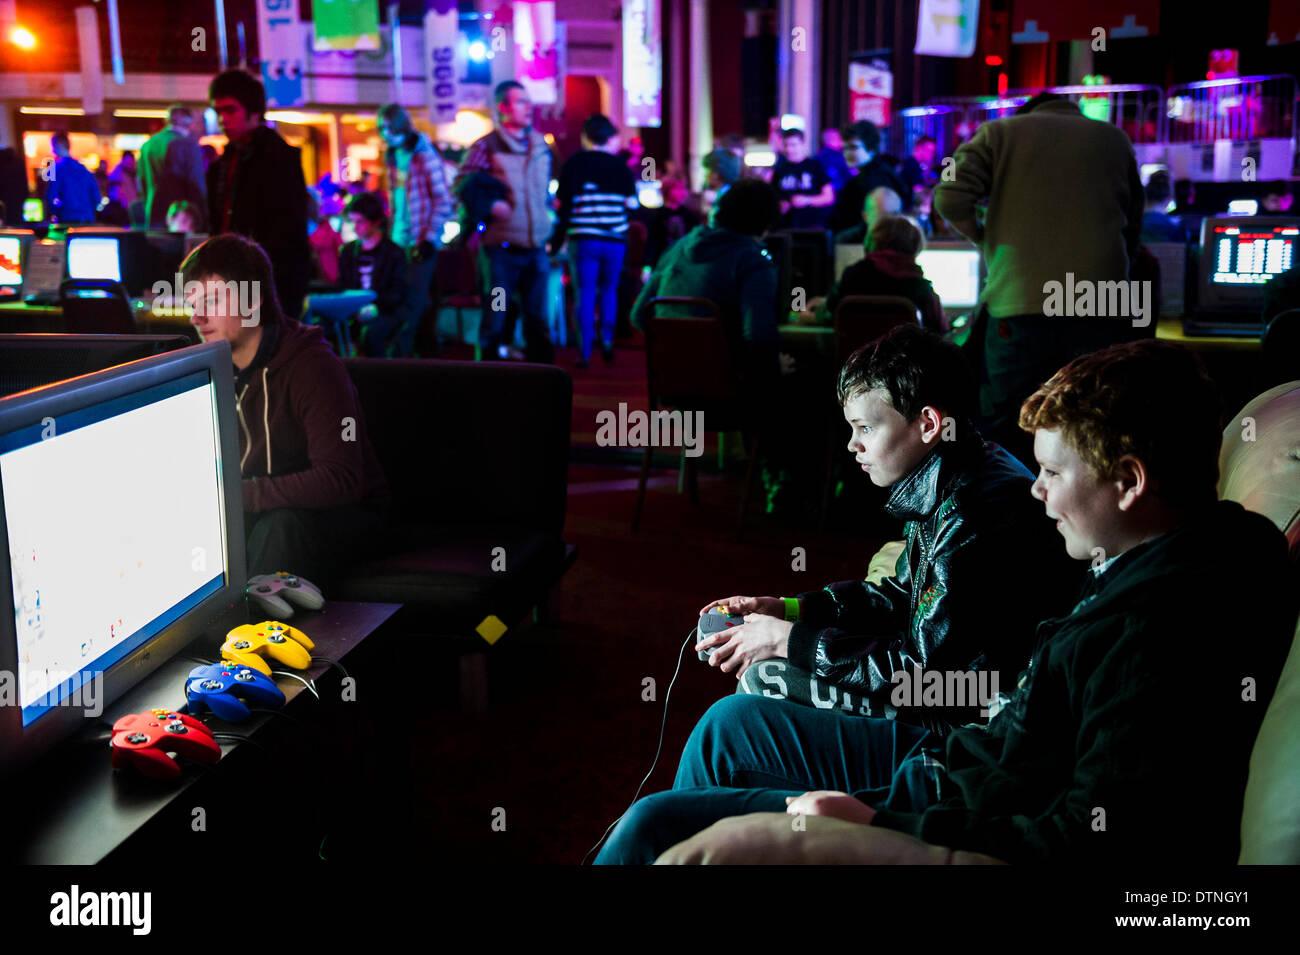 Margate, Kent, UK. 21 Février, 2014. Les jeunes adolescents s'amusaient à un des jeux de l'Expo de Margate, dans le Kent. Photographe: Gordon 1928/Alamy Live News Photo Stock